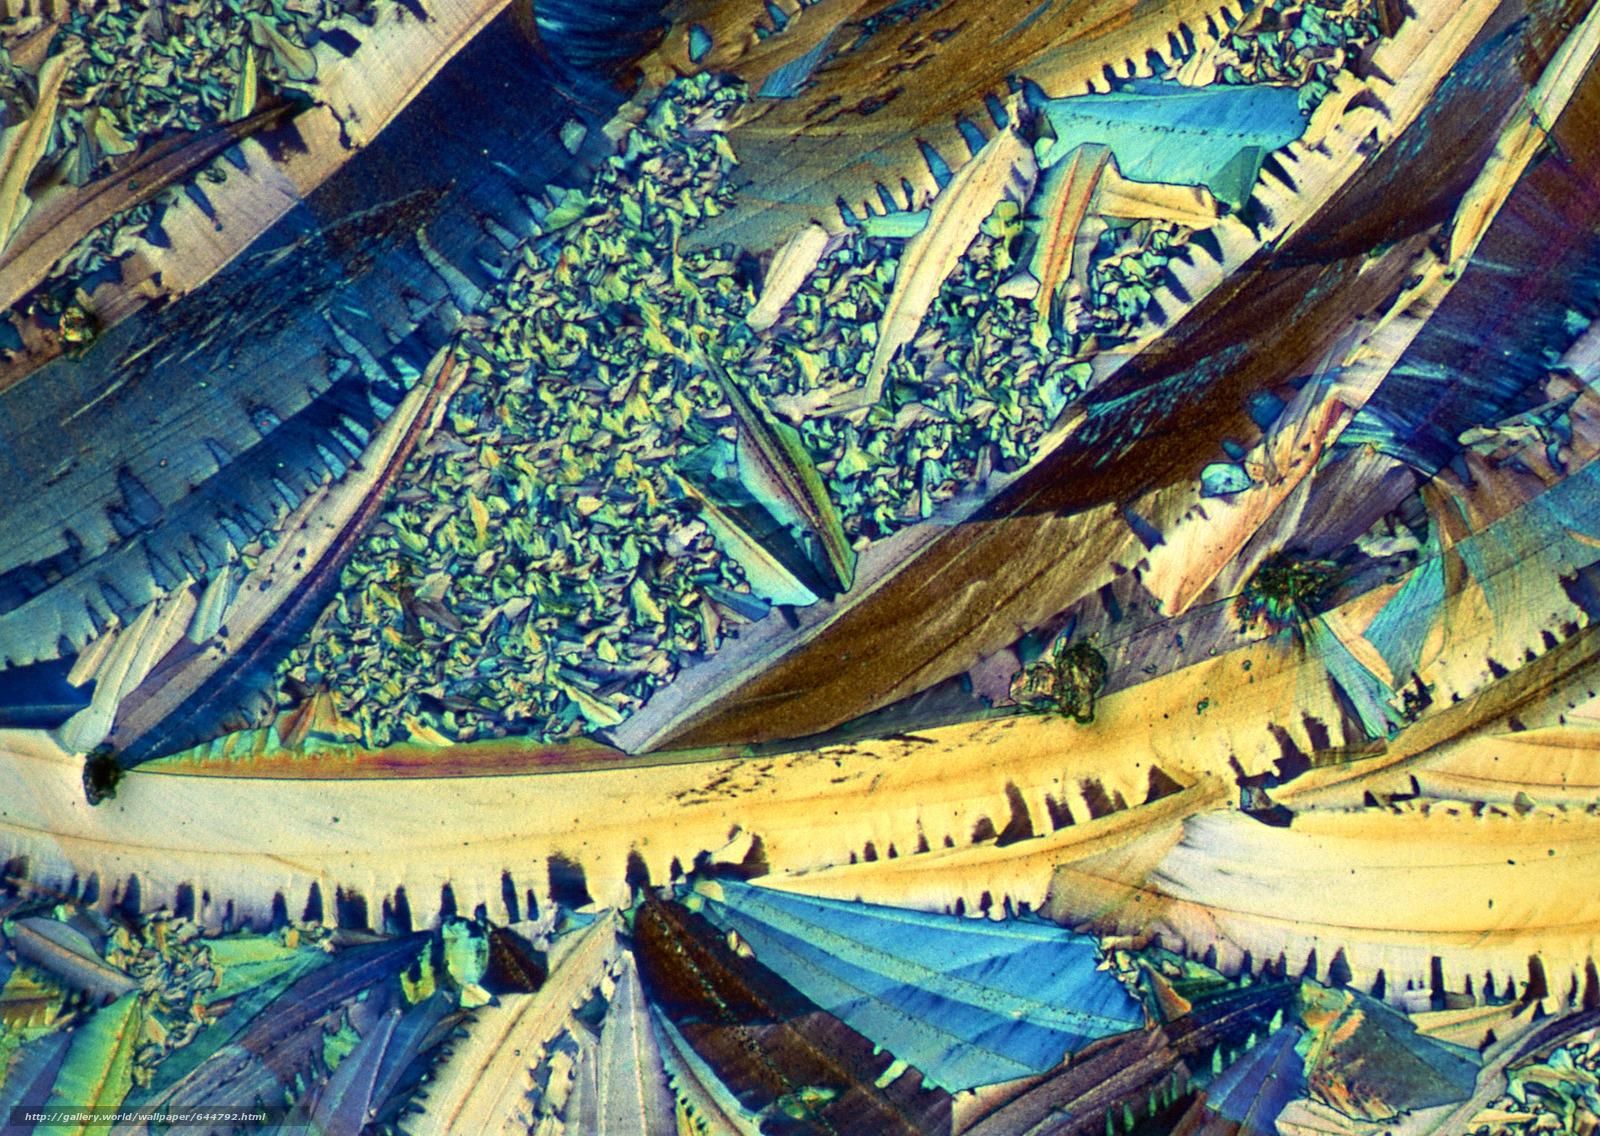 Скачать обои кристаллы под микроскопом,  кристалл,  микроскоп,  увеличение бесплатно для рабочего стола в разрешении 2950x2094 — картинка №644792